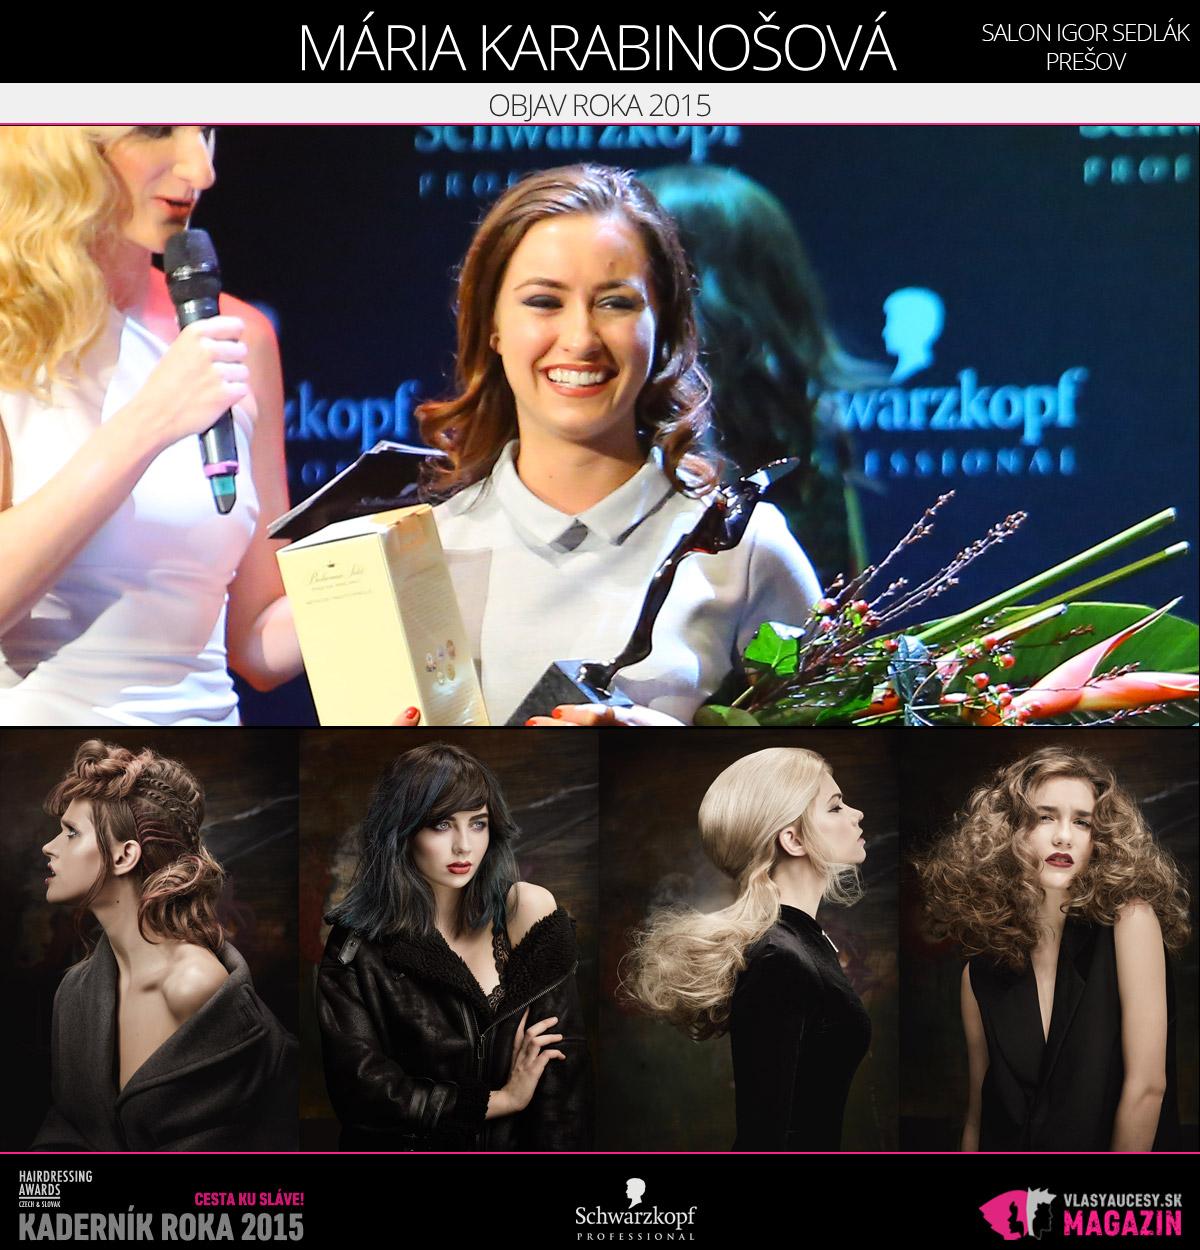 Víťazom v kategórii Objav roka Czech and Slovak Hairdressing Awards 2015 je Mária Karabinošová zo Salónu Igor Sedlák v Prešove.